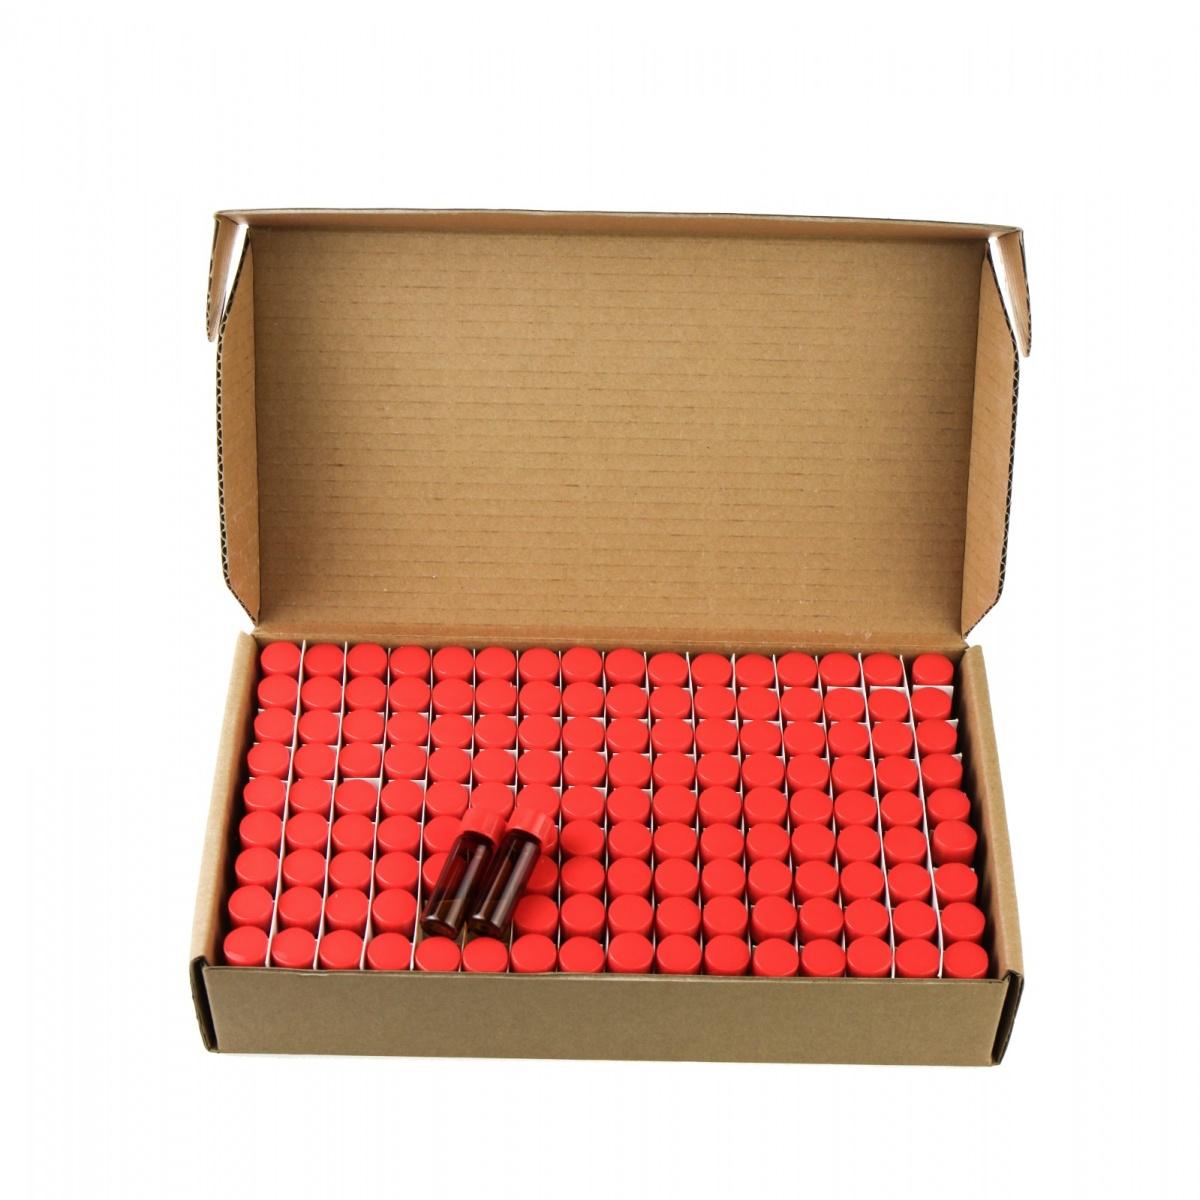 4ml-棕色储存瓶-格挡-3.JPG